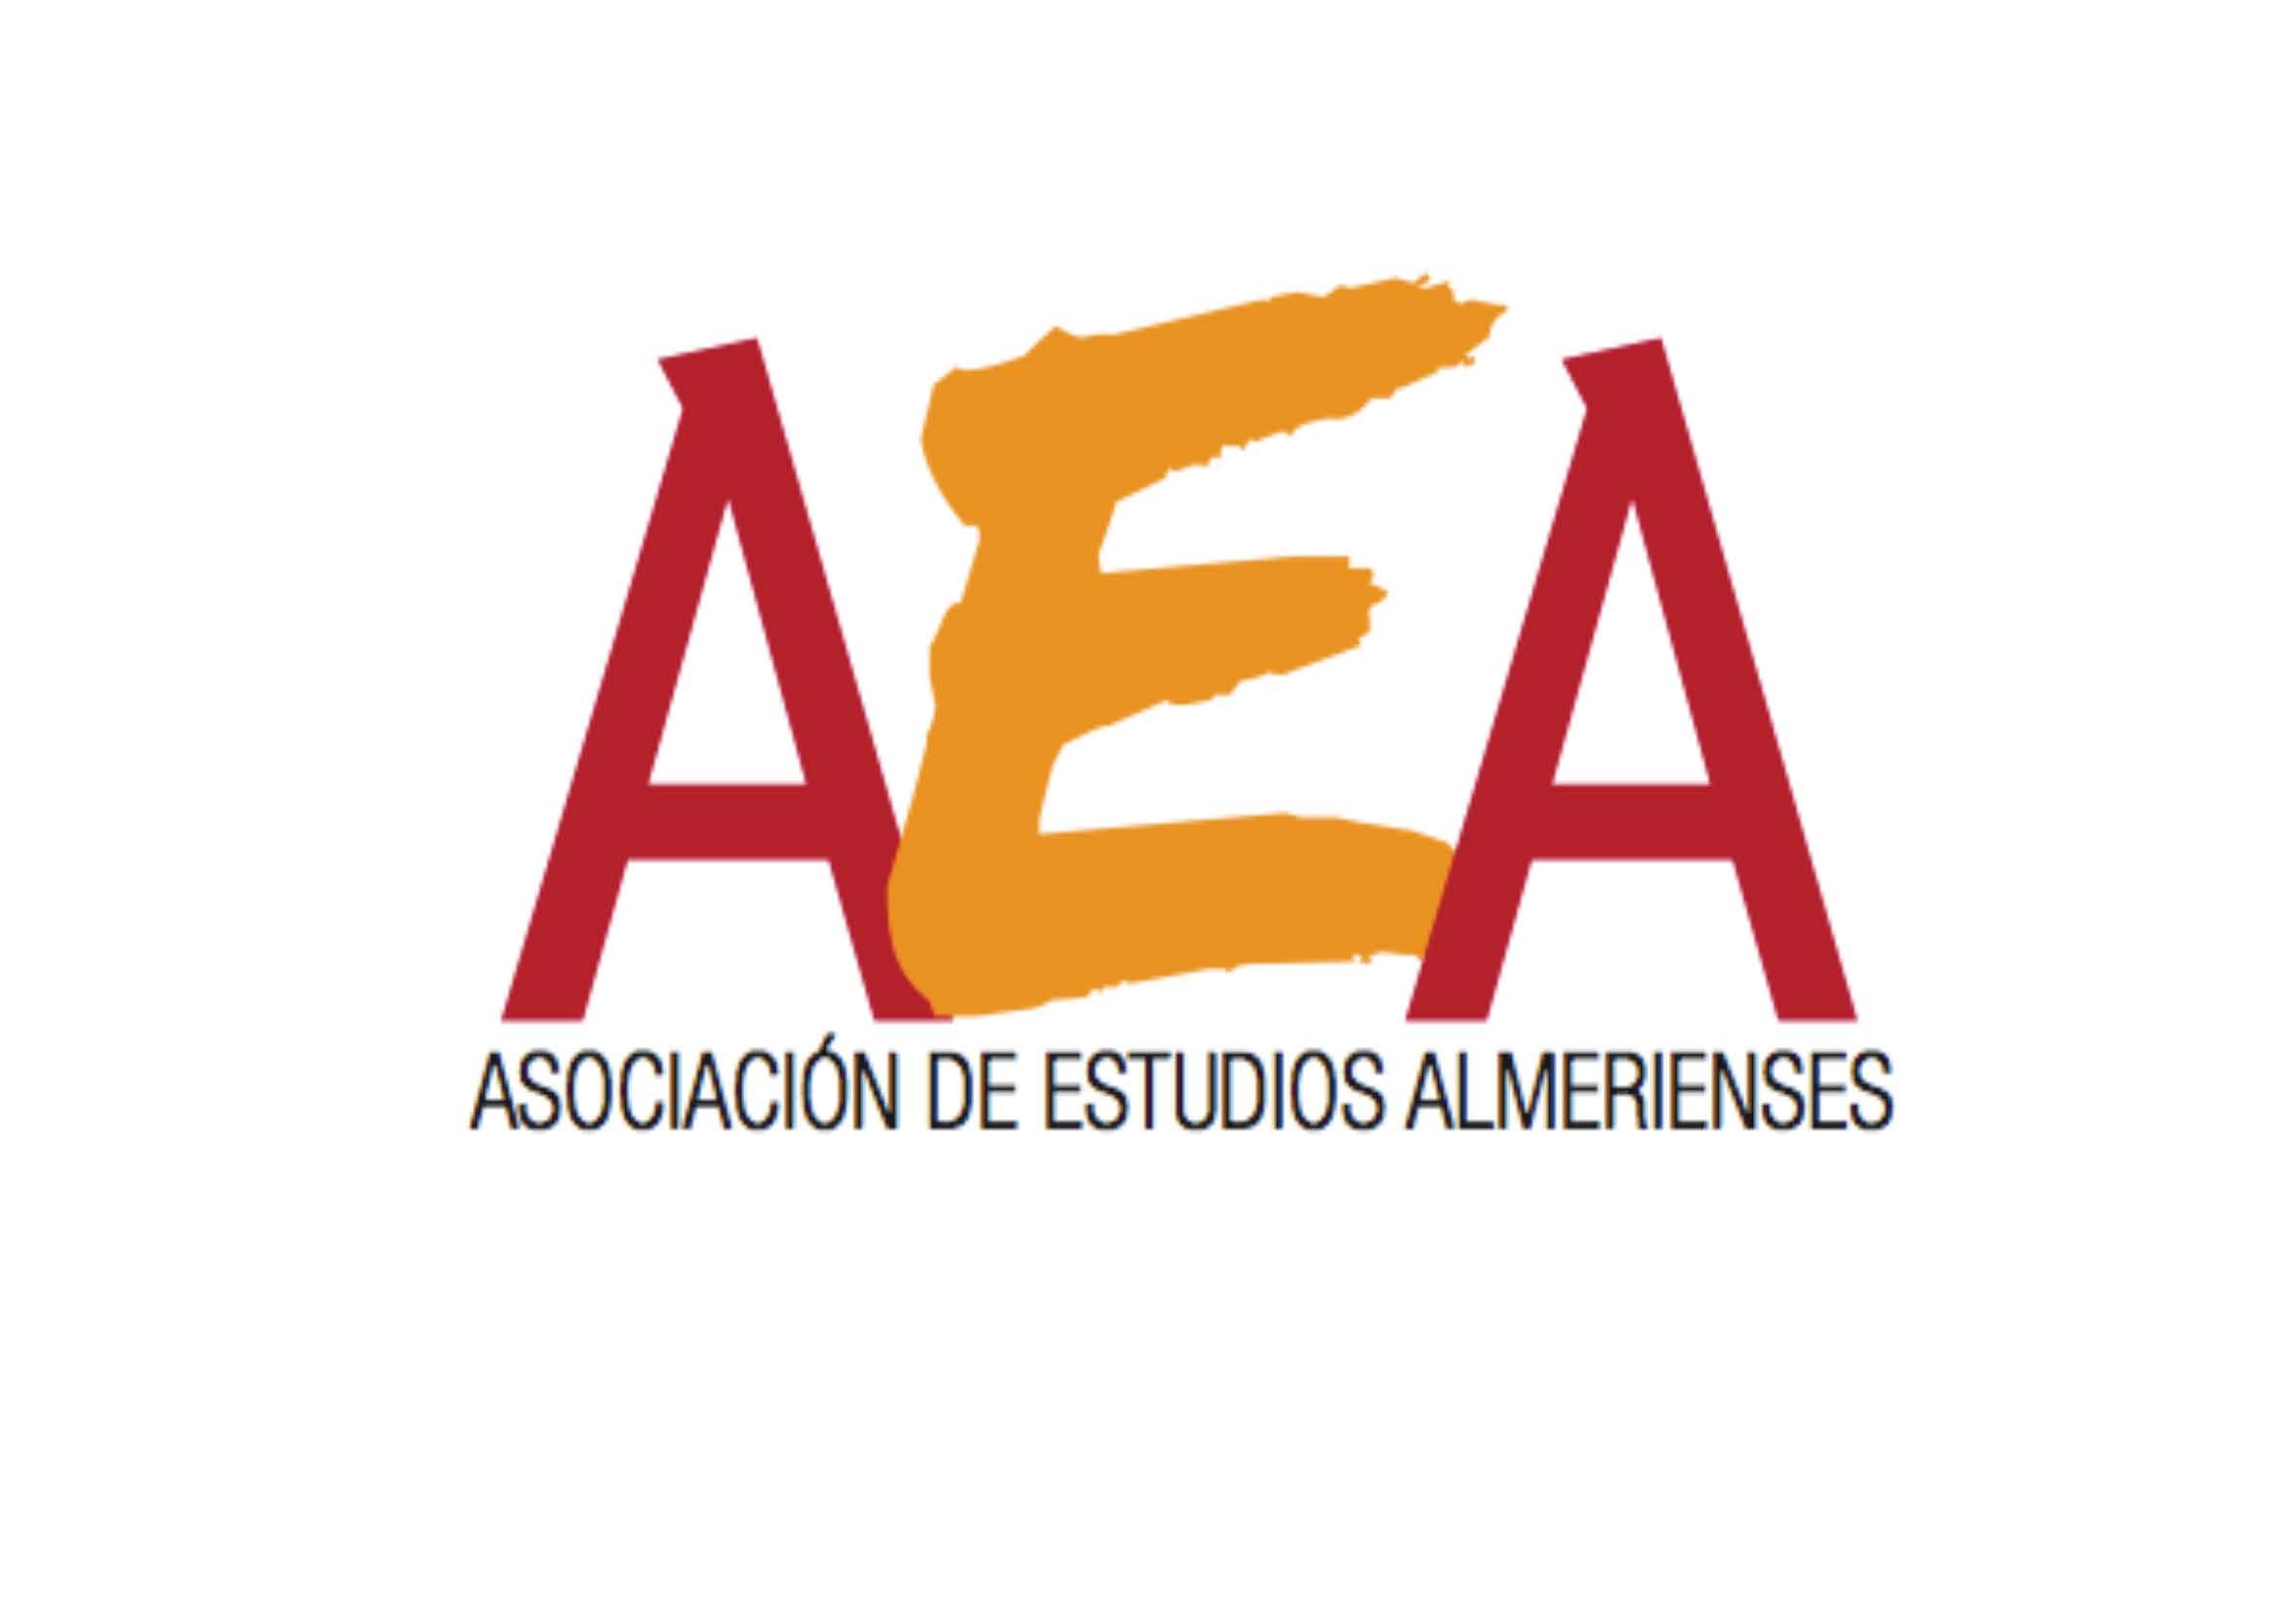 ASOC. DE ESTUDIOS ALMERIENSES -  AULA H. COSTA DE ALMERÍA